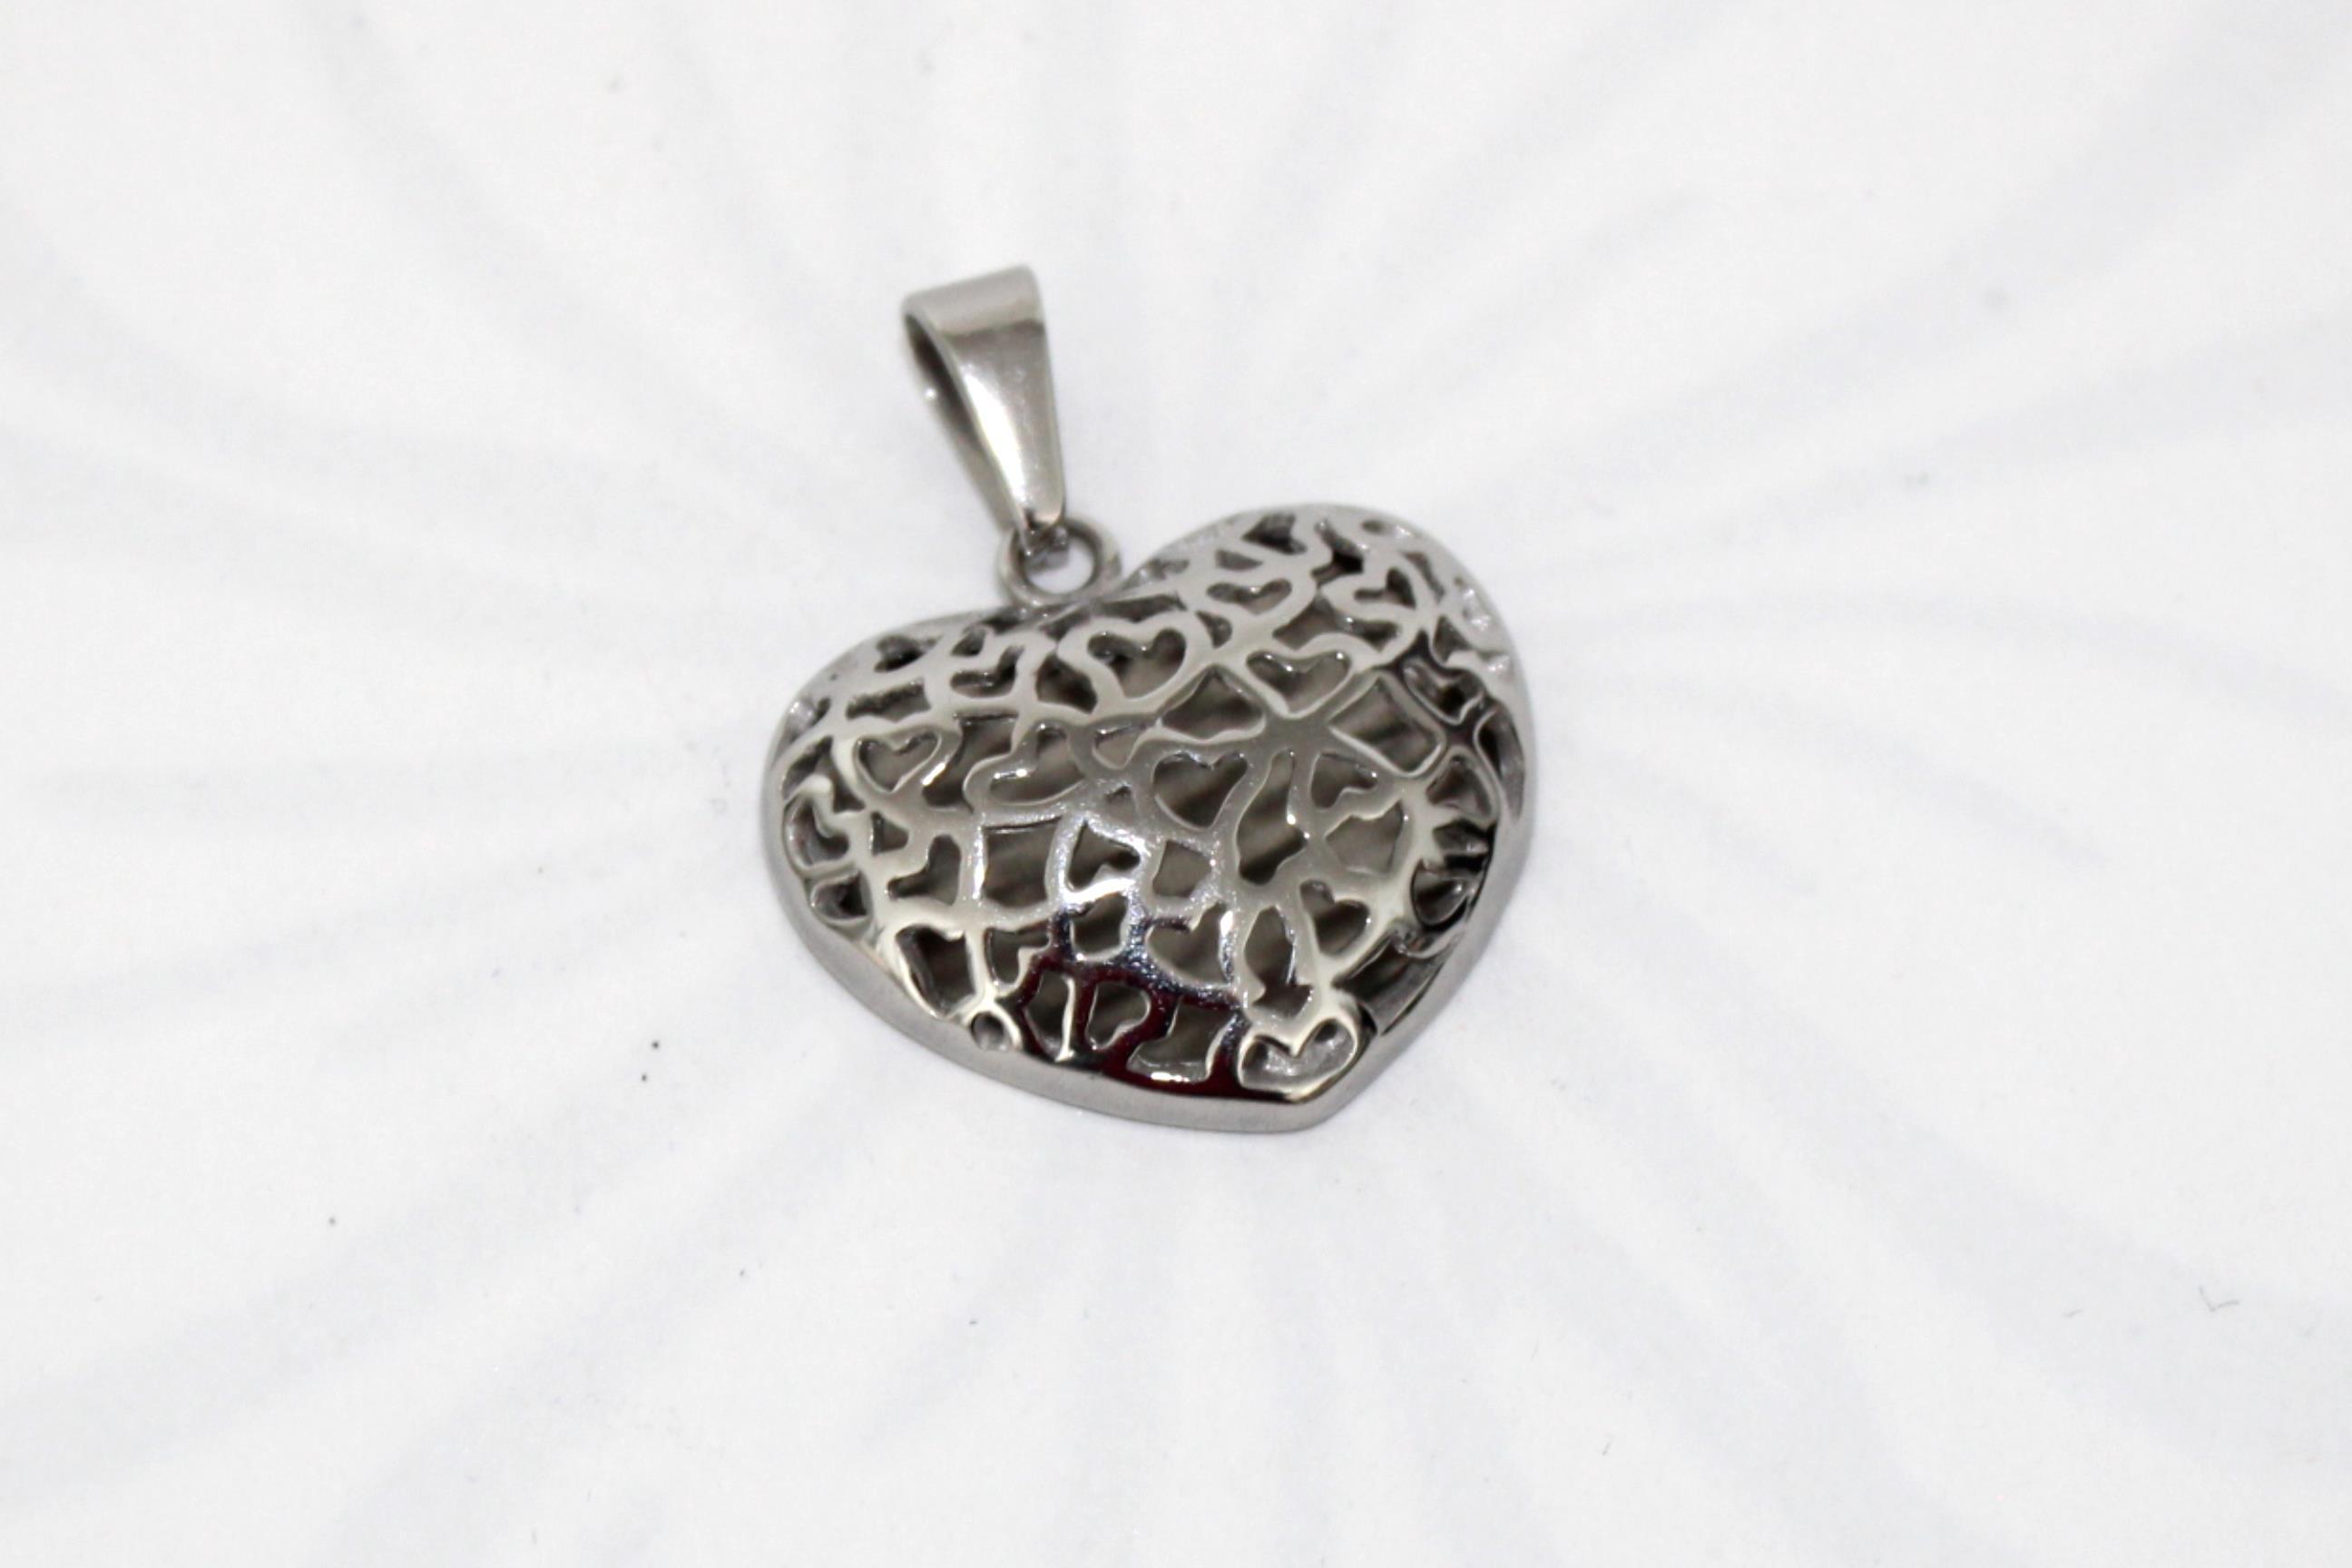 ff40f4c82 Šperky chirurgická oceľ | Prívesok chirurgická oceľ srdce 26 ...